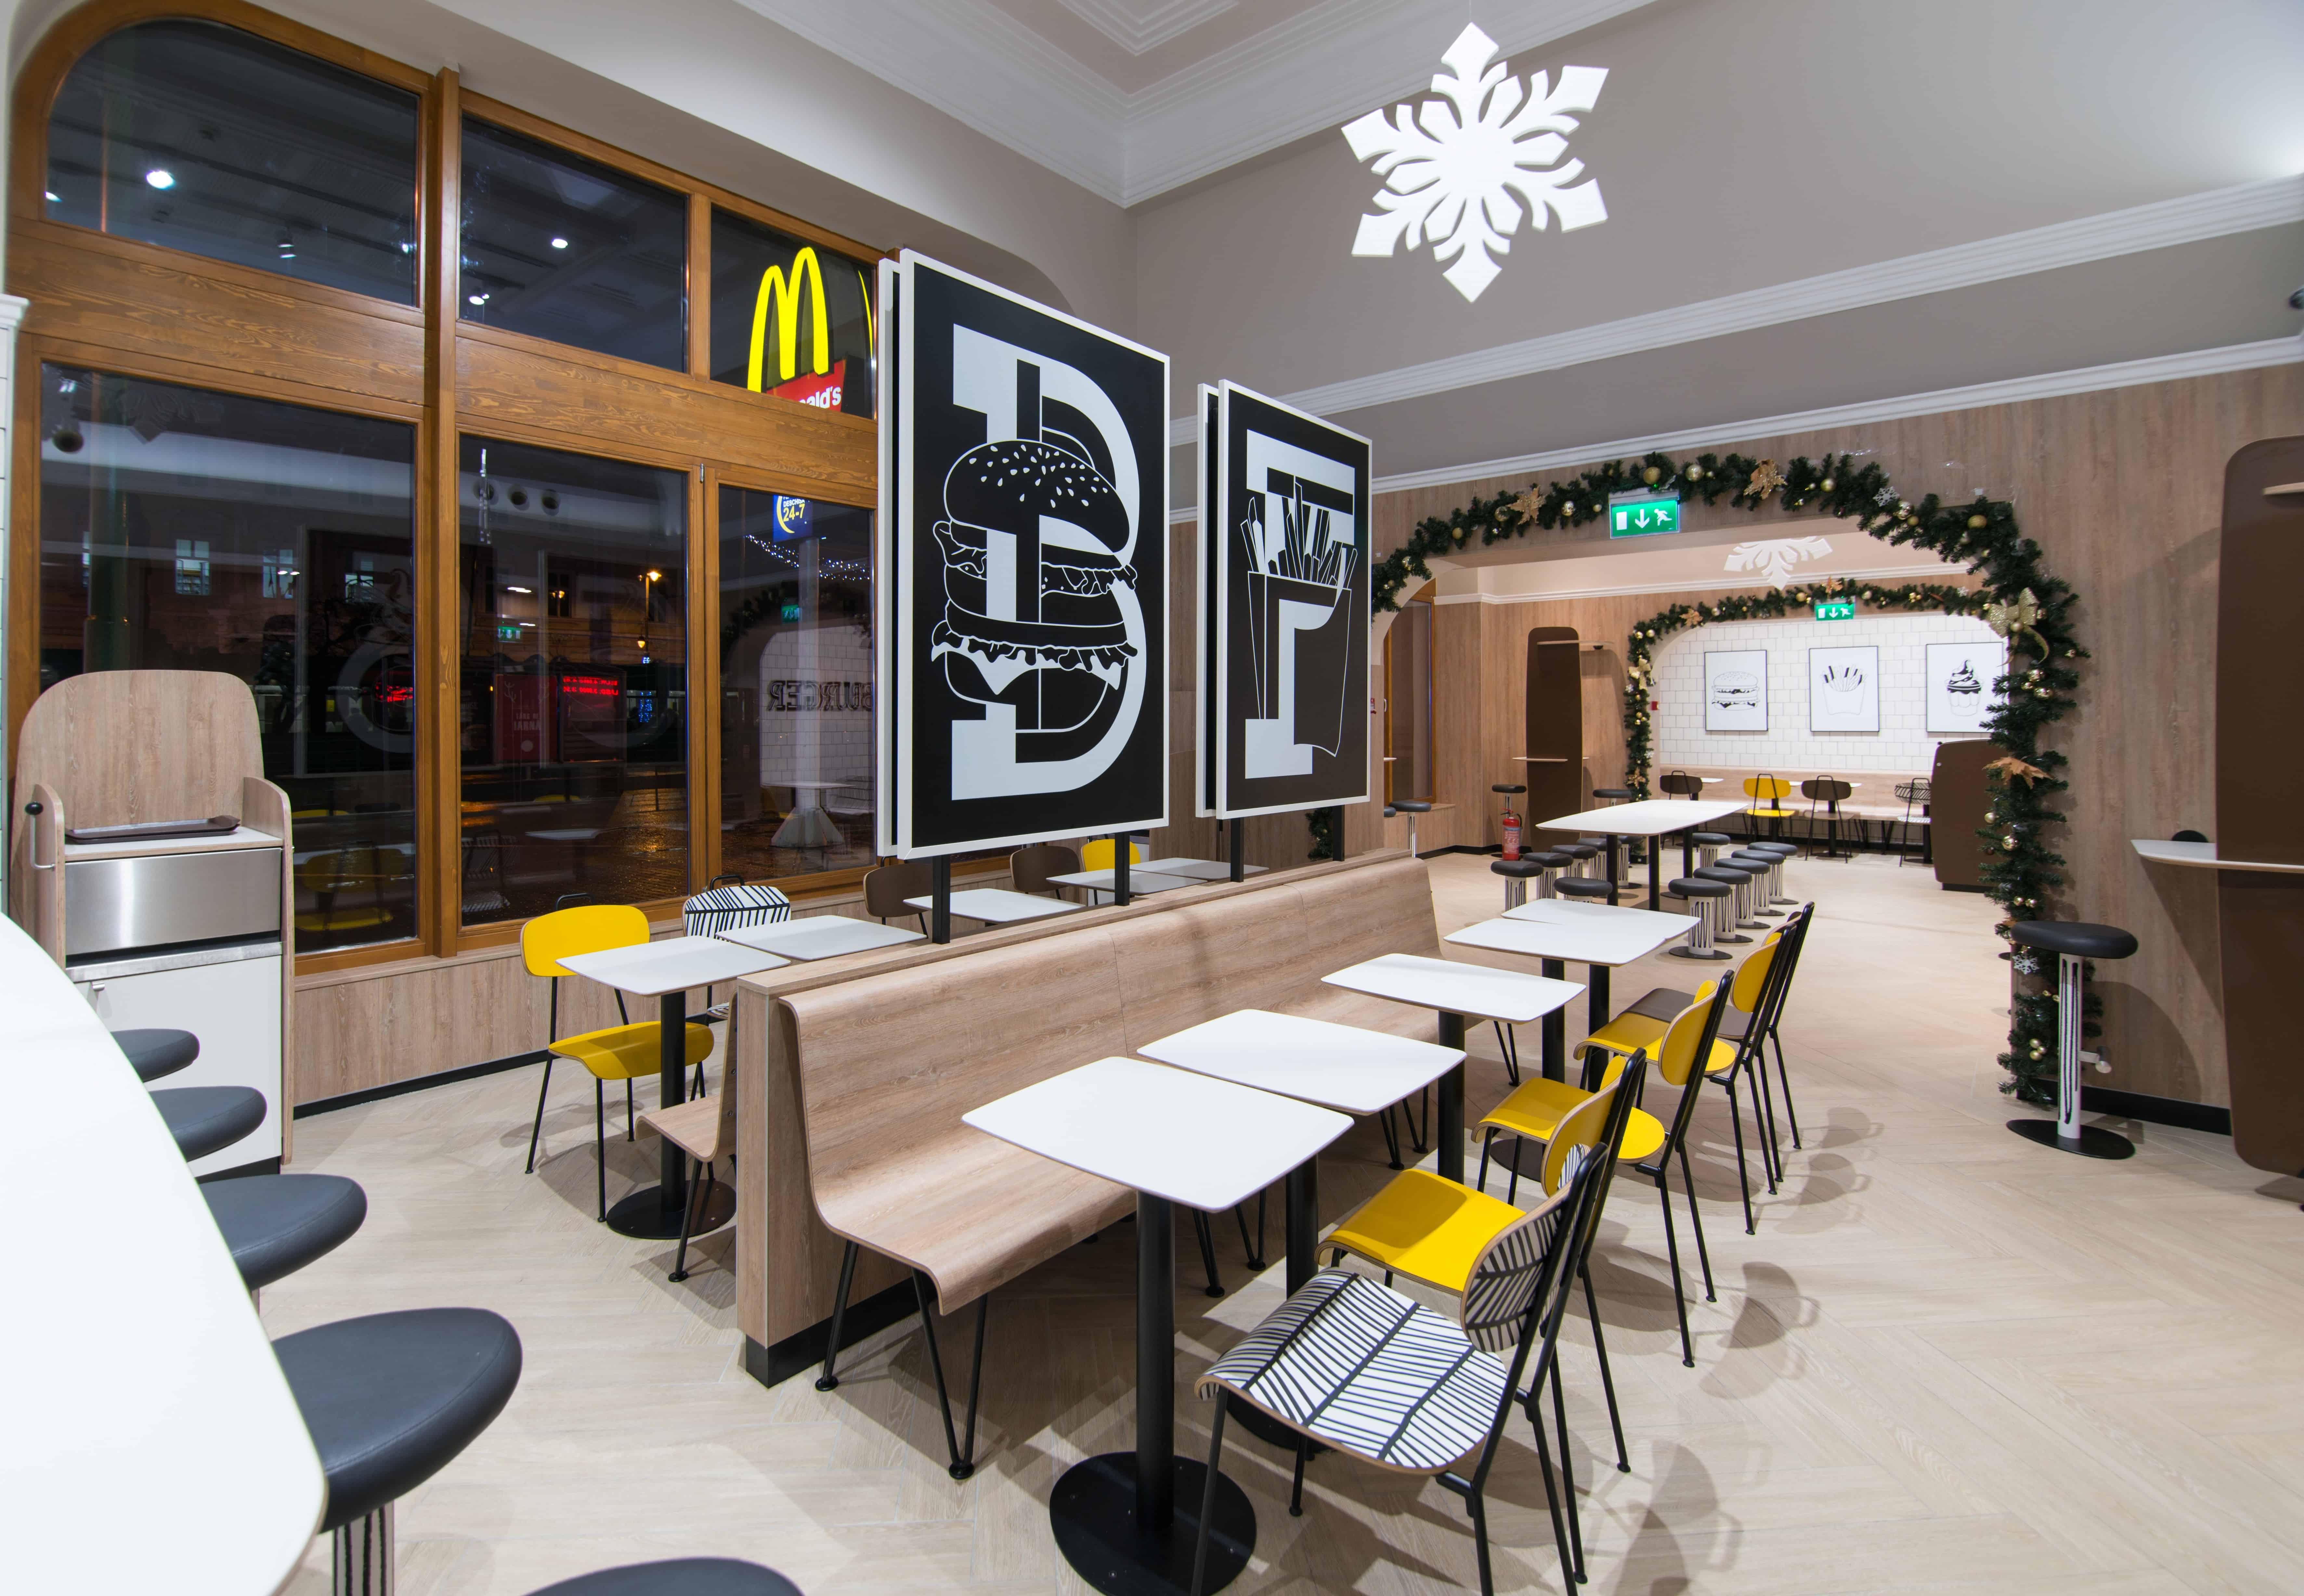 NOUTĂȚI pentru clienți, dar și pentru angajați! Ce se întâmplă la McDonald's